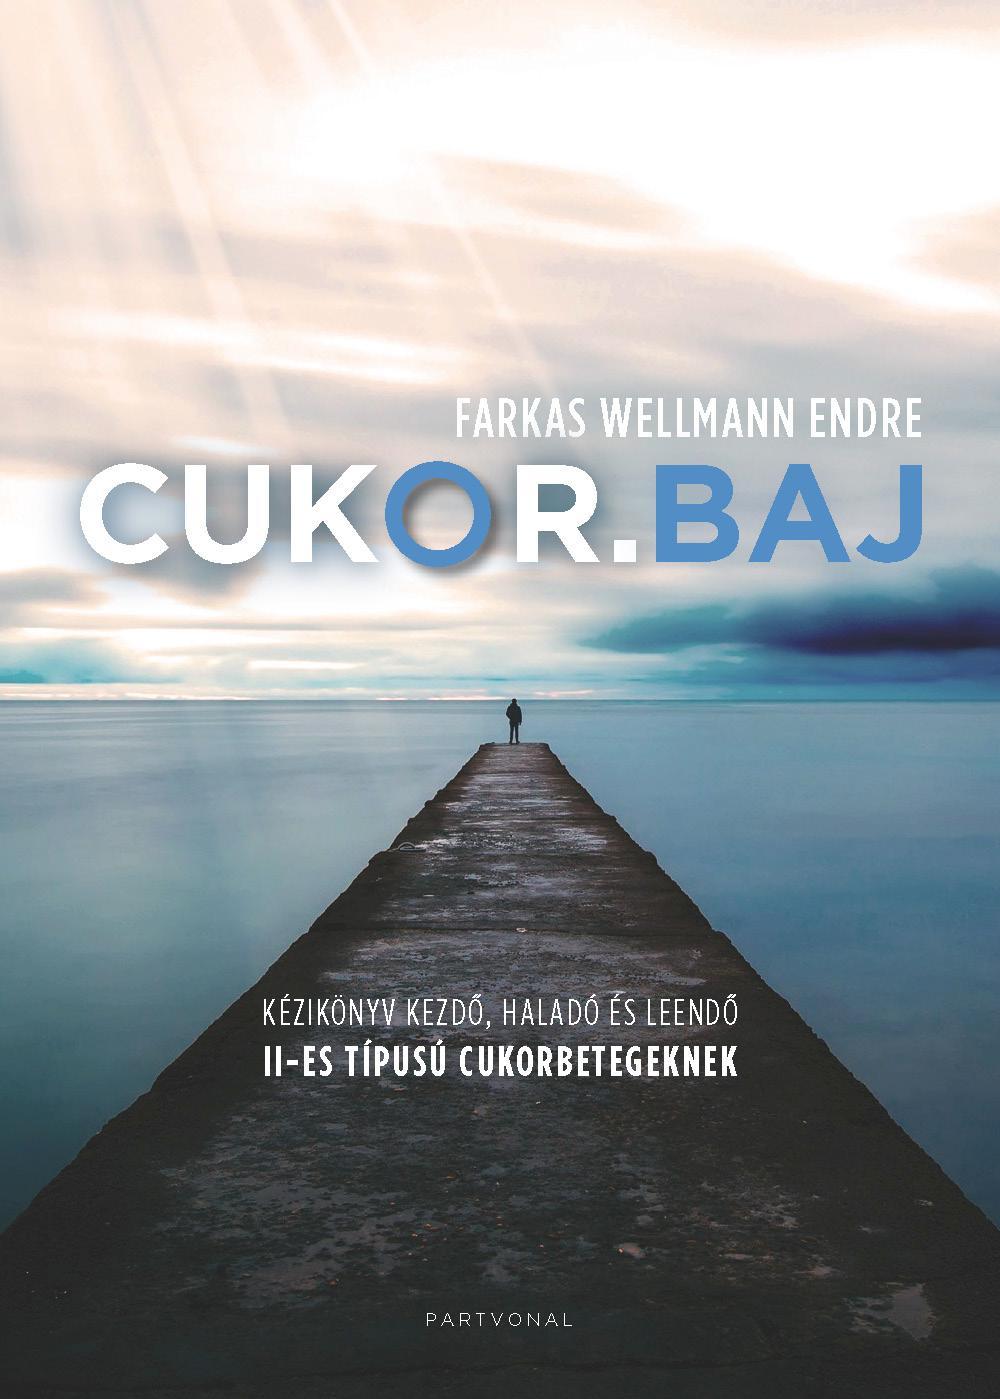 Farkas Wellmann Endre - CUKOR.BAJ - Kézikönyv kezdő, haladó és leendő II-es típusú cukorbetegeknek